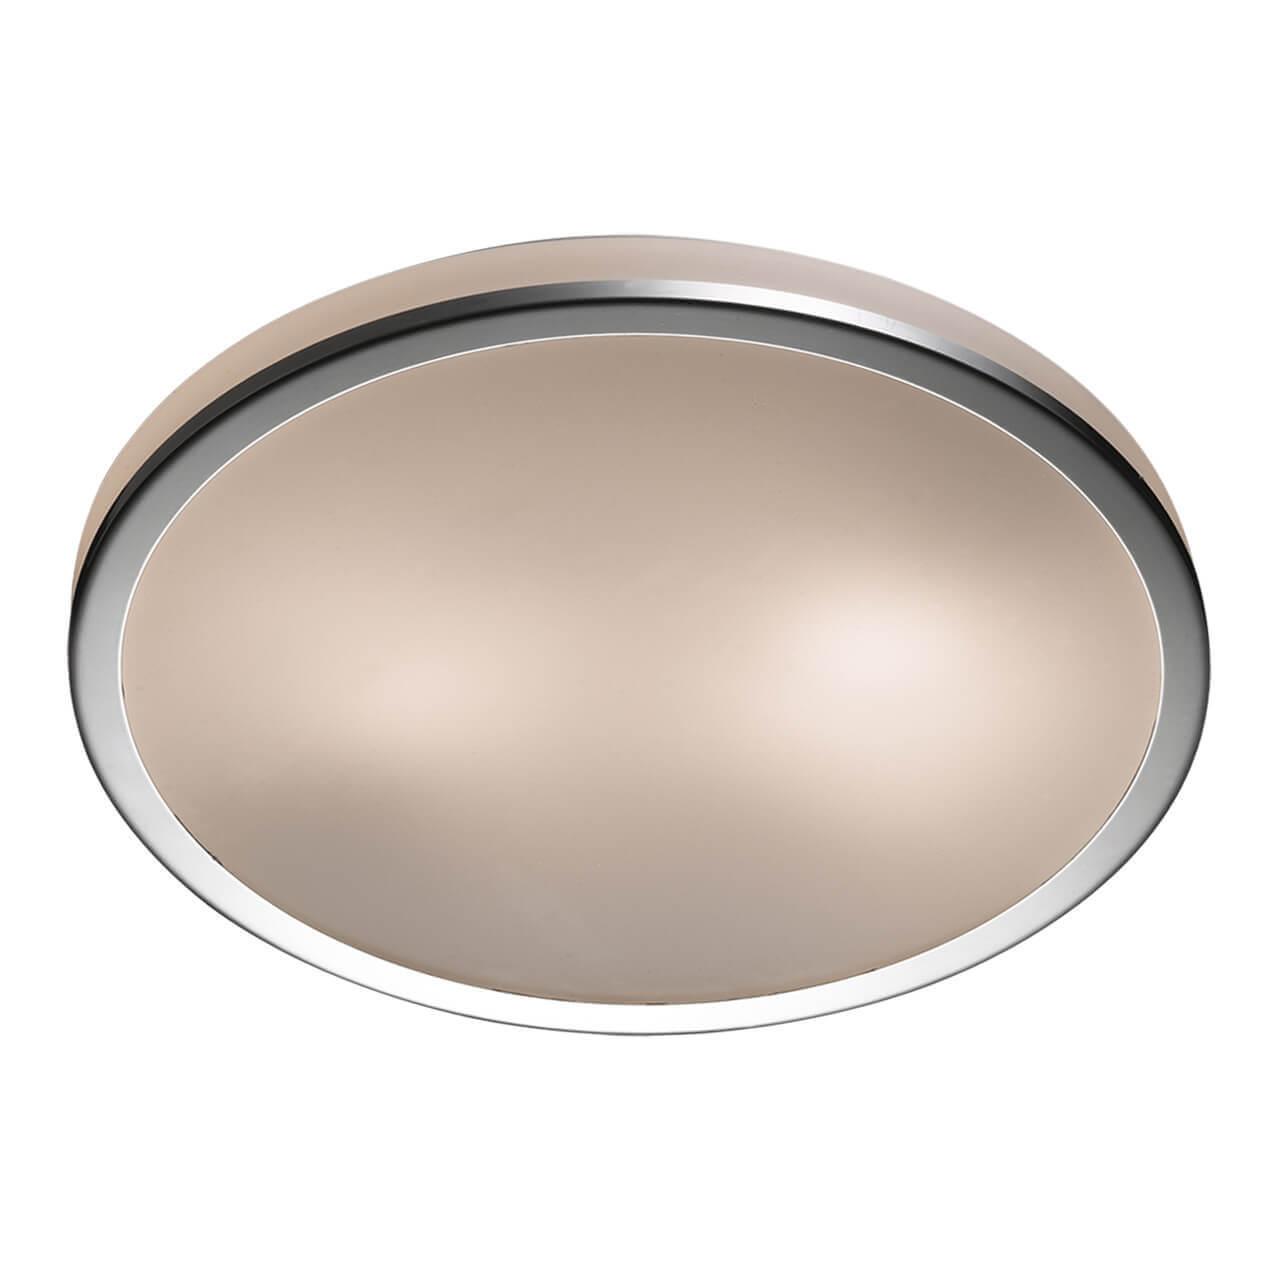 Потолочный светильник Odeon Light Yun 2177/2C потолочный светильник odeon light holger 2746 3c